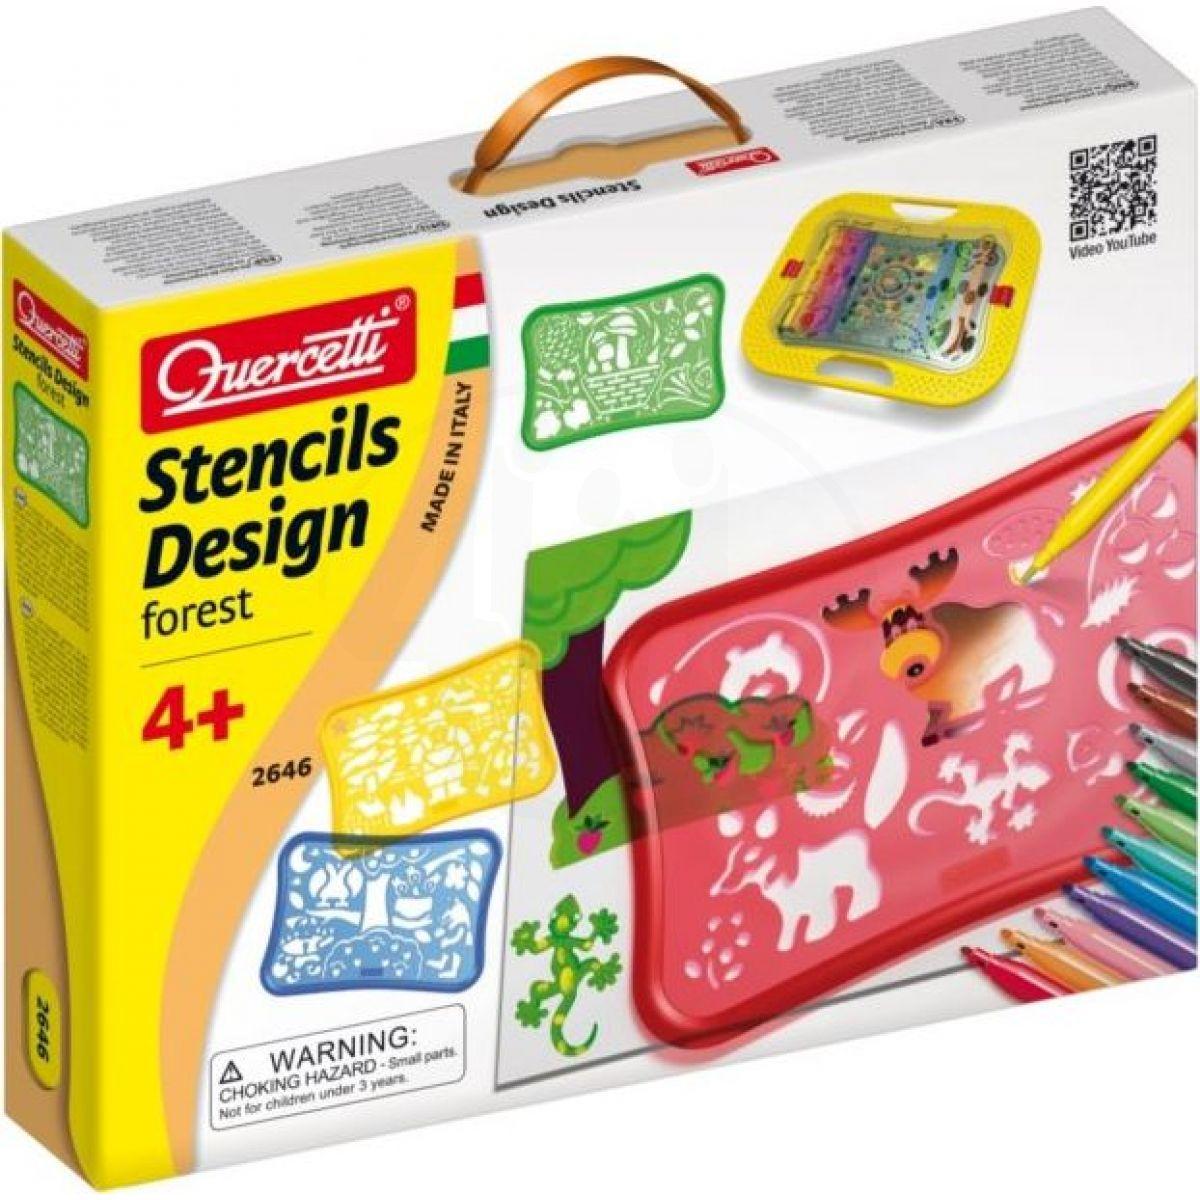 Quercetti Stencils Design Forest